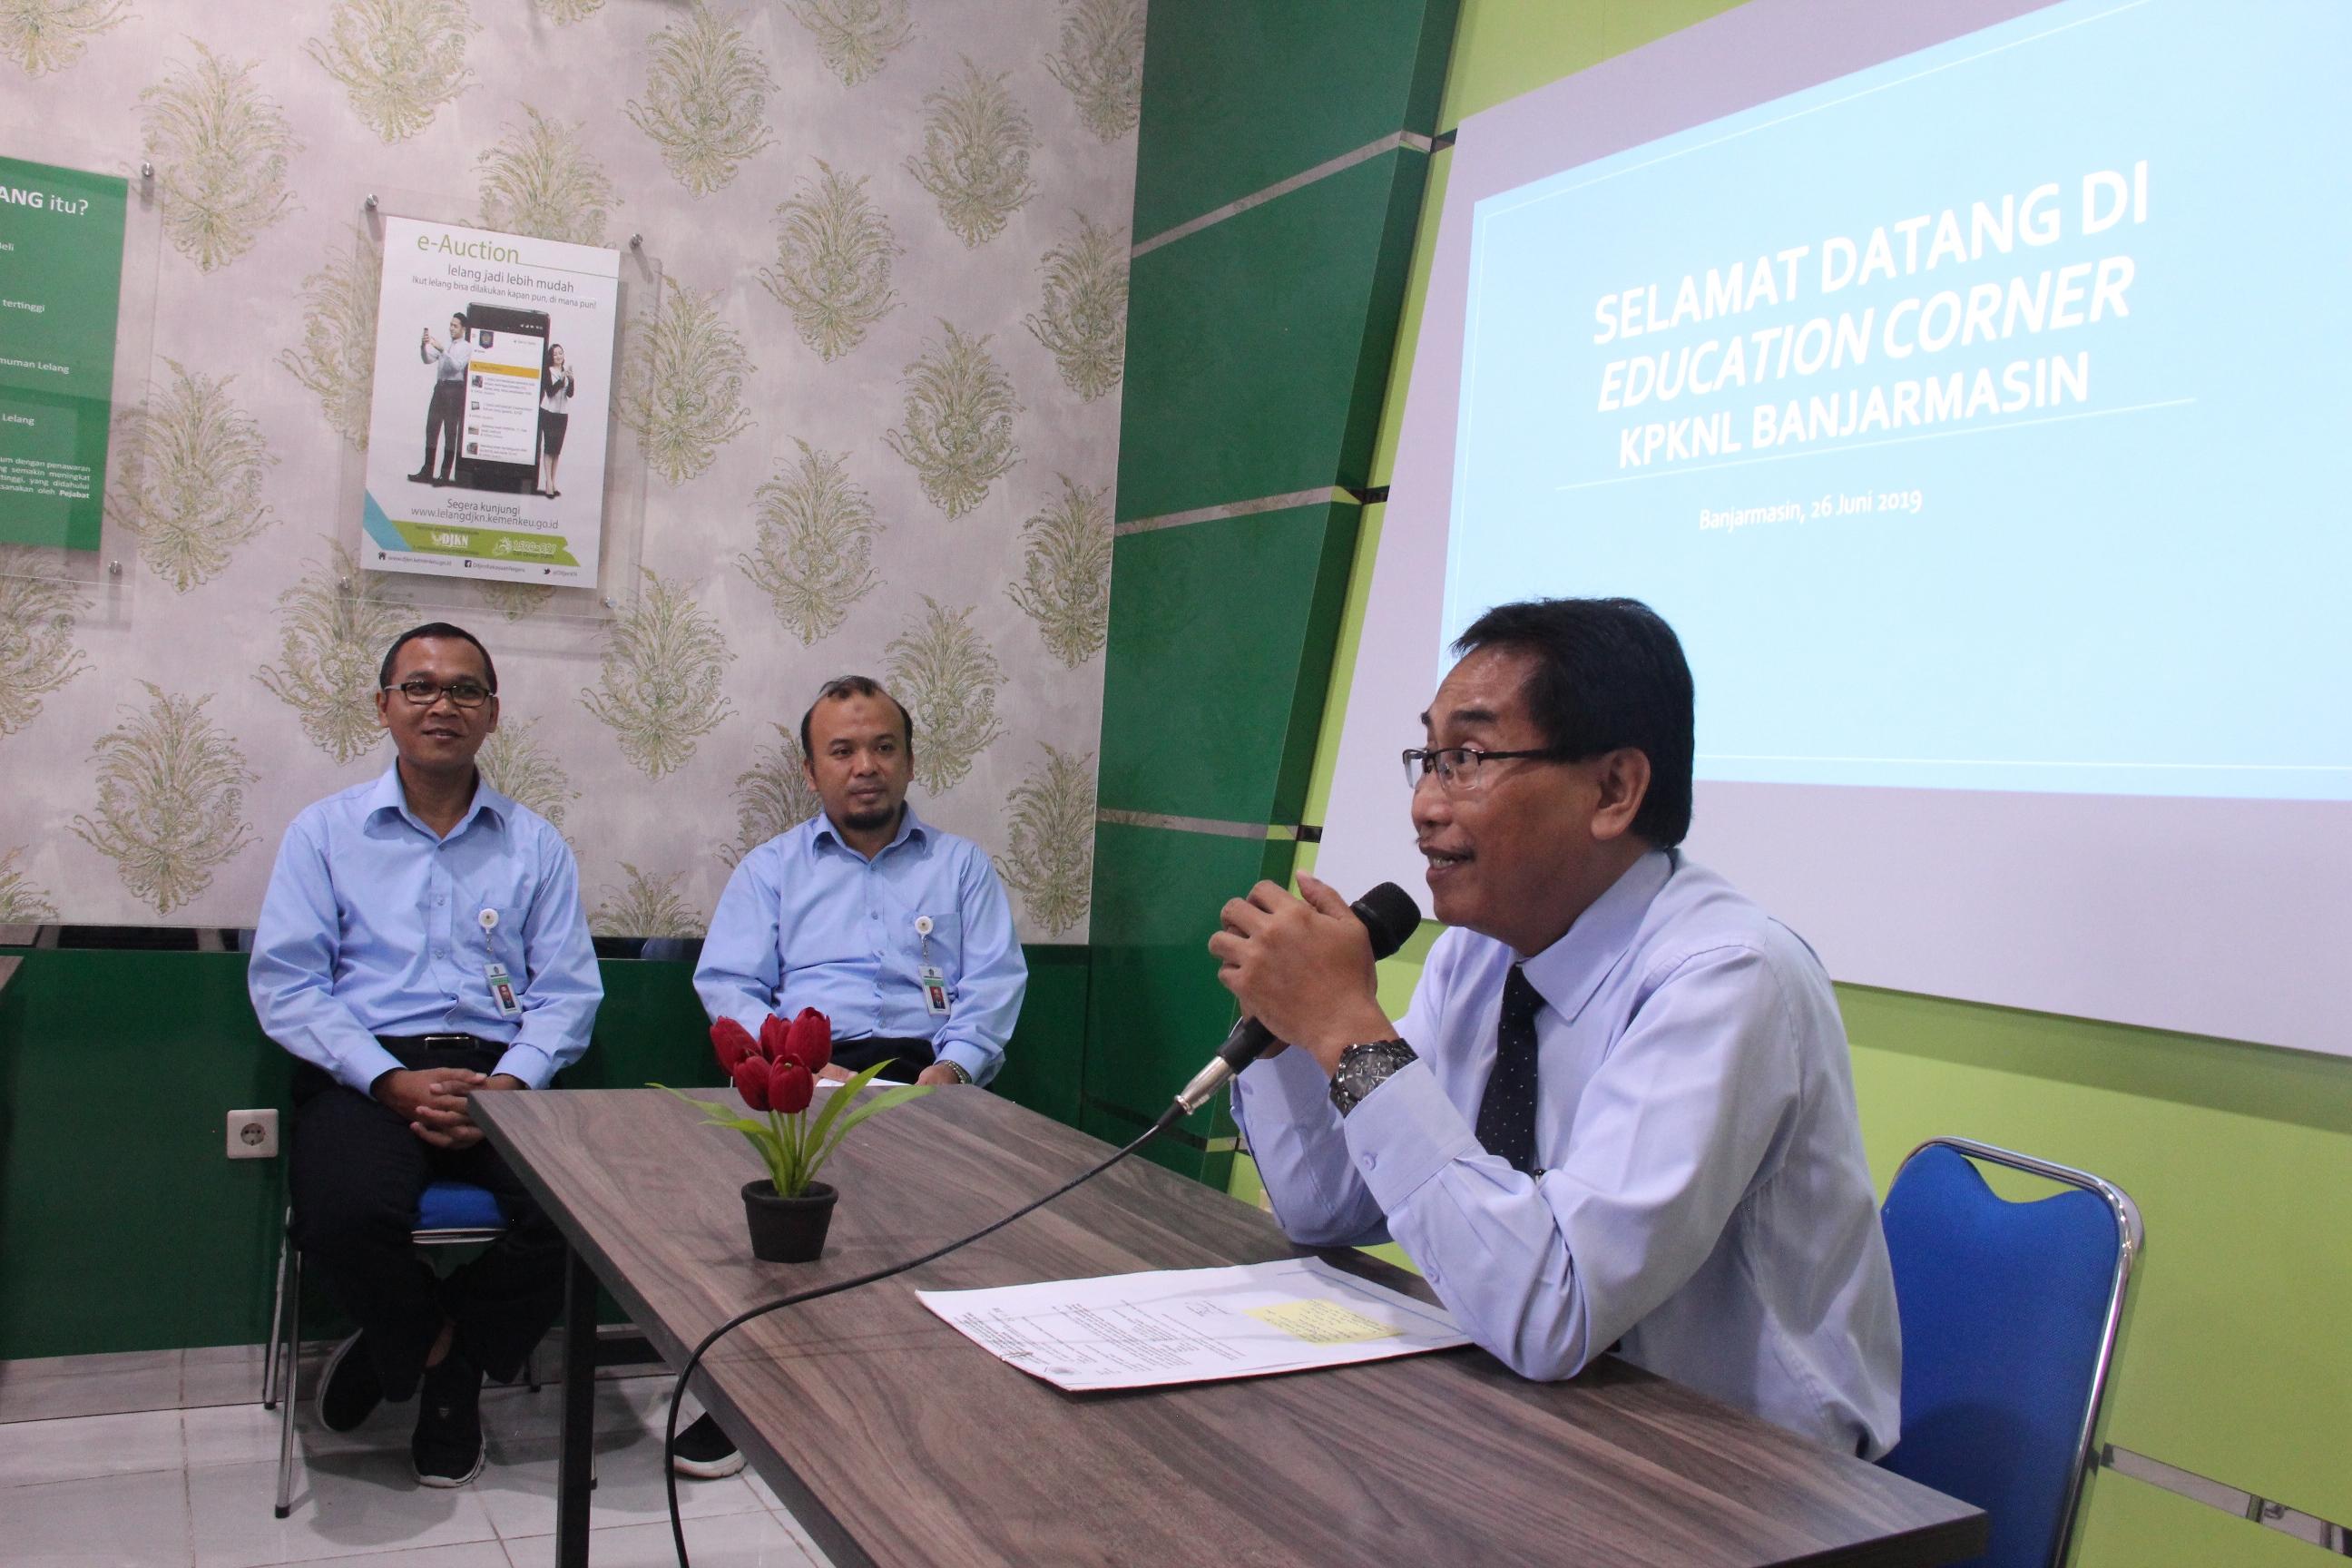 Educorner, Layanan Edukasi KPKNL Banjarmasin